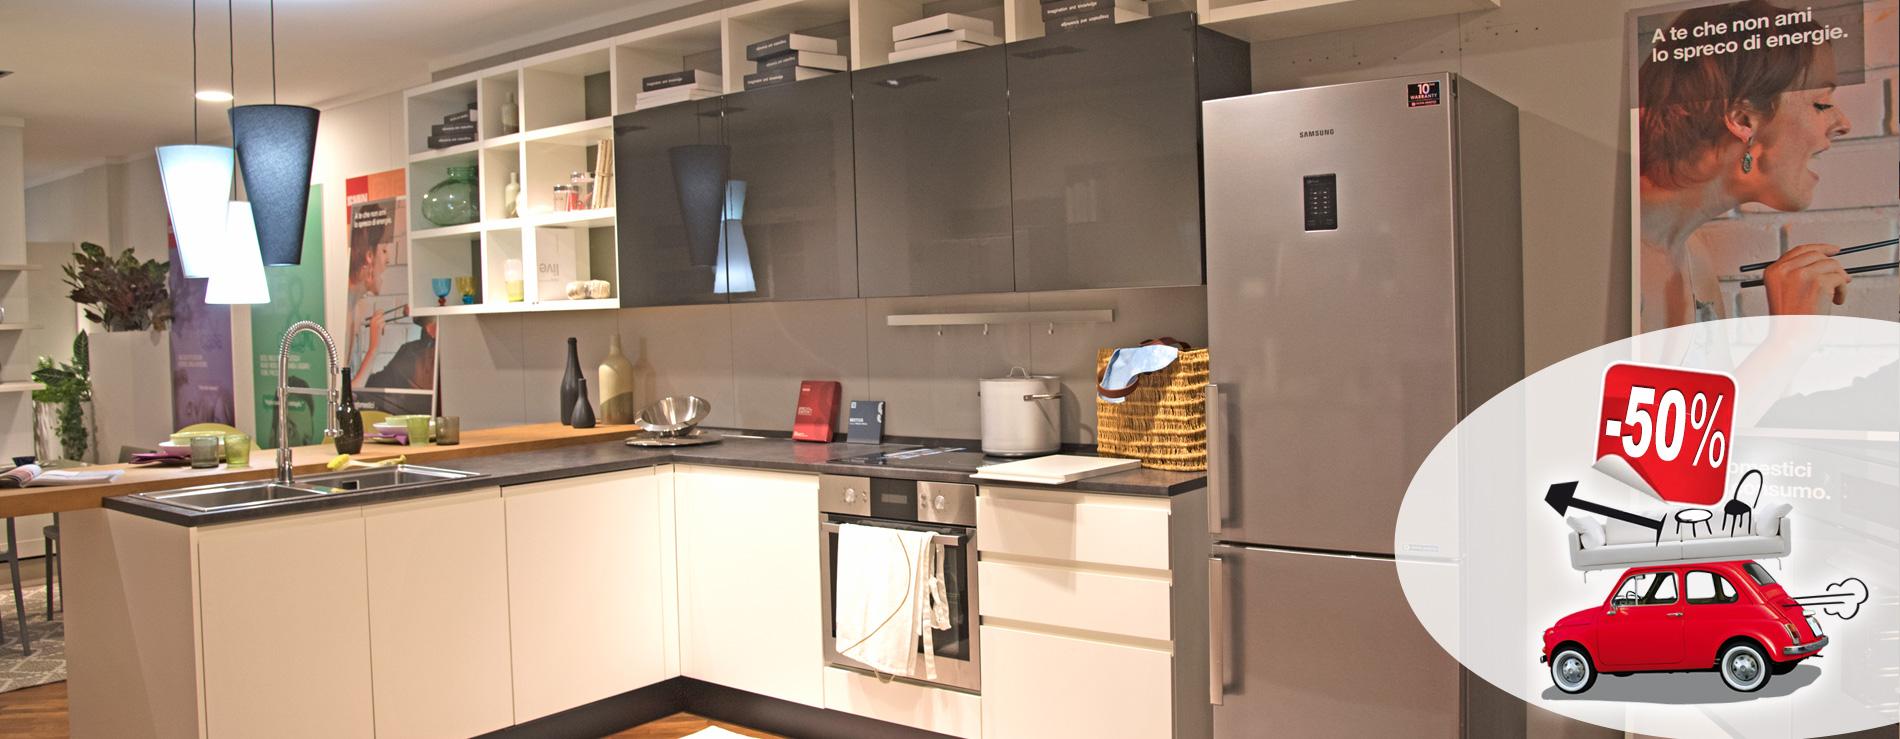 Cucina Motus Scavolini in promozione al 50%